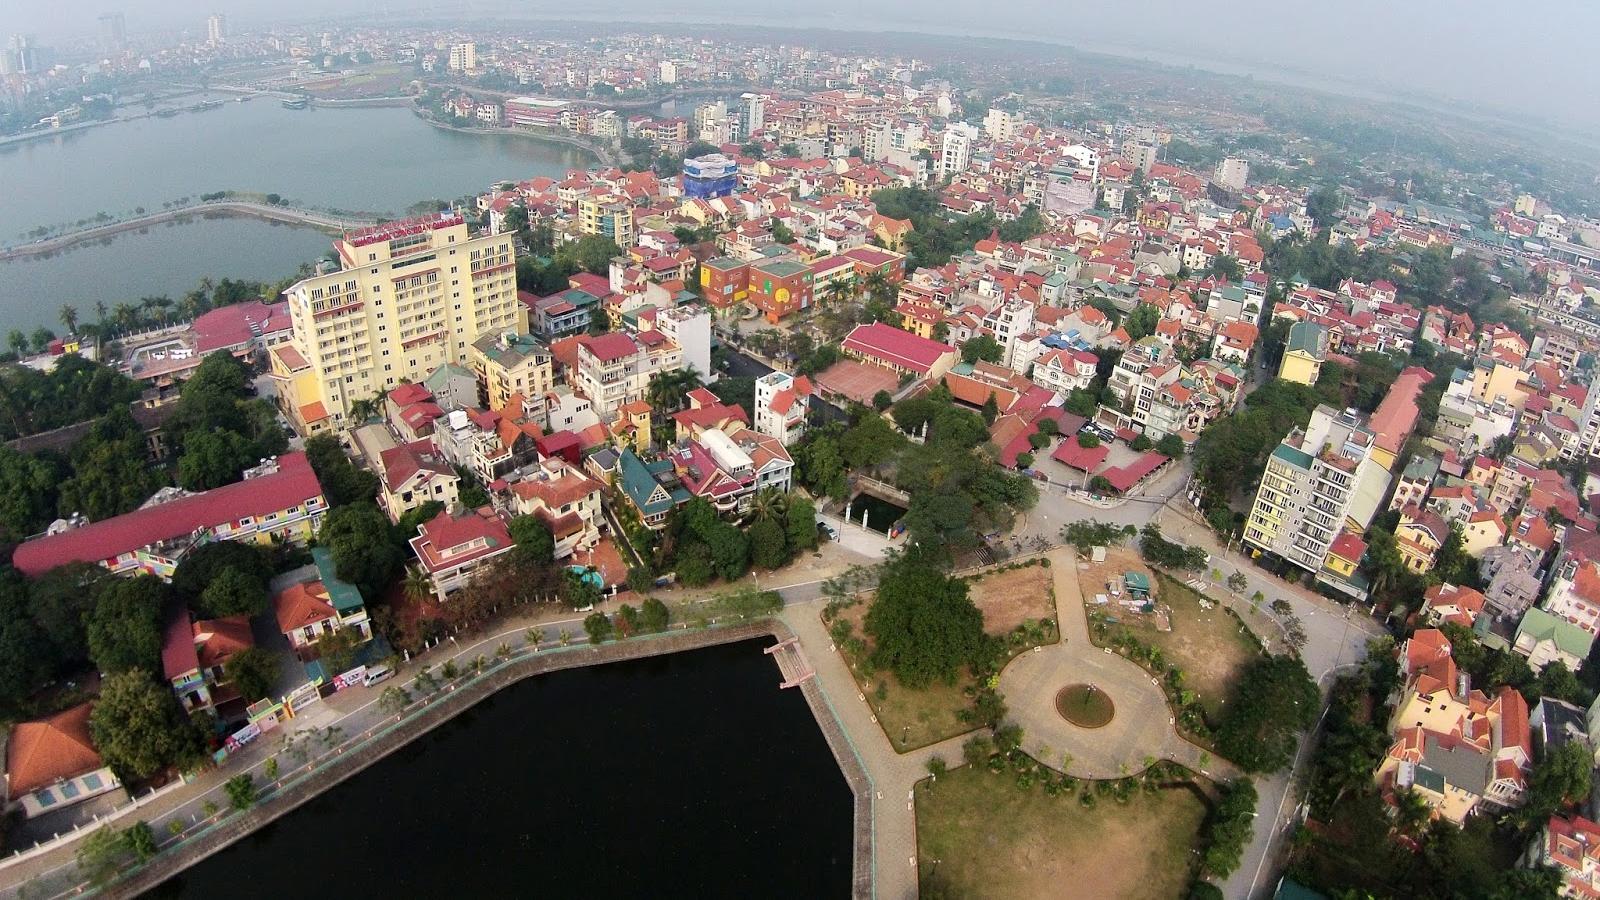 Đất dính qui hoạch ở phường Quảng An, Tây Hồ, Hà Nội - Ảnh 2.